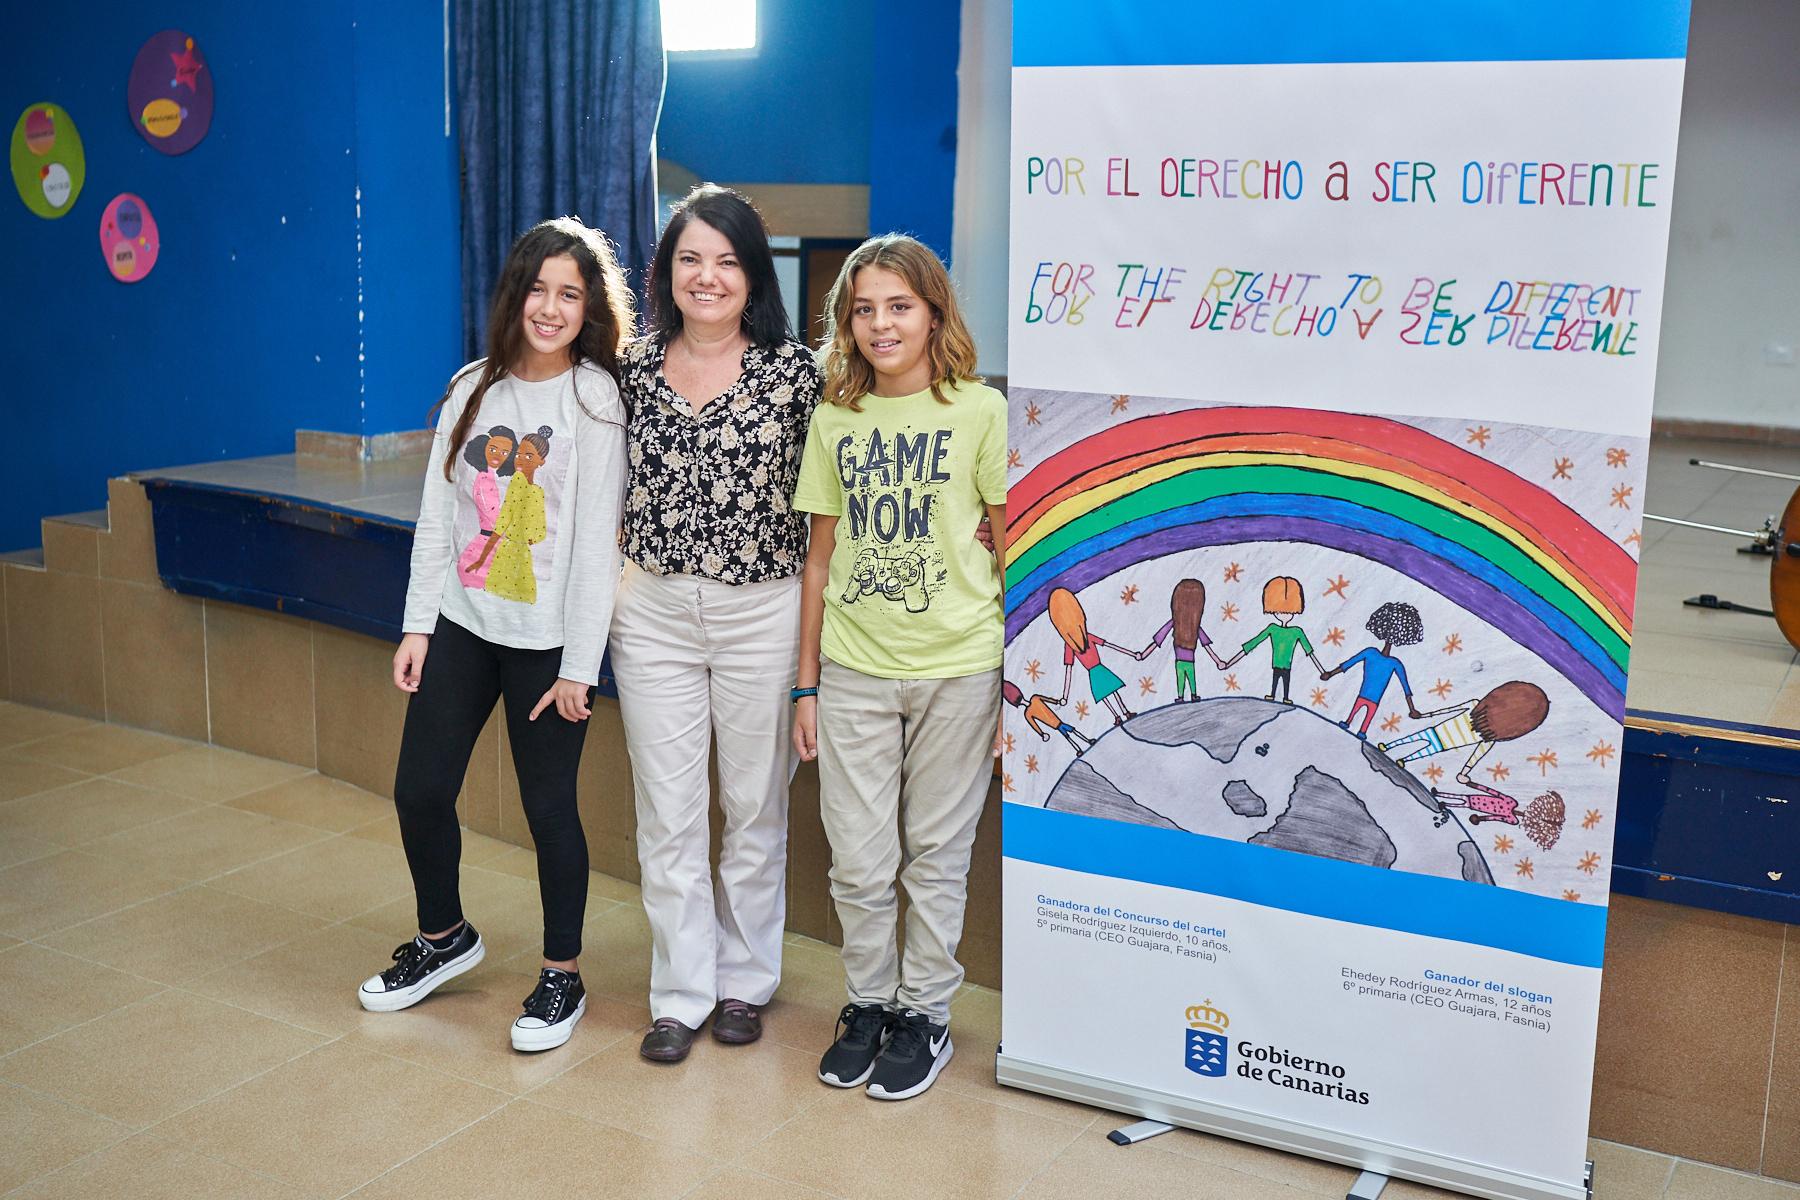 La directora gral de Protección Infancia y Familia, Iratxe Serrano, con los galardonados